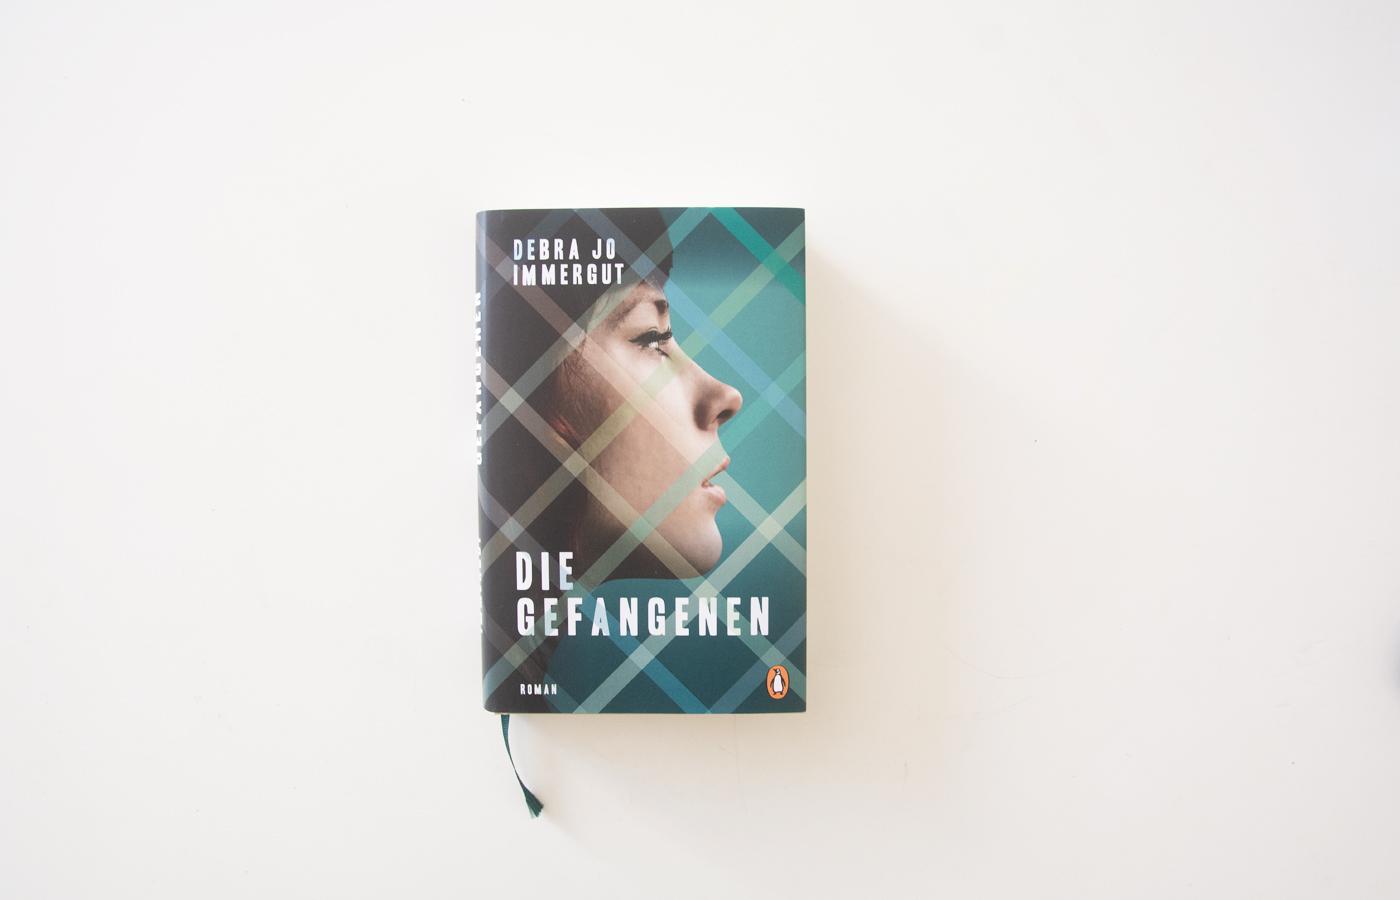 Literaturbesprechung: »Die Gefangenen« von Debra Jo Immergut